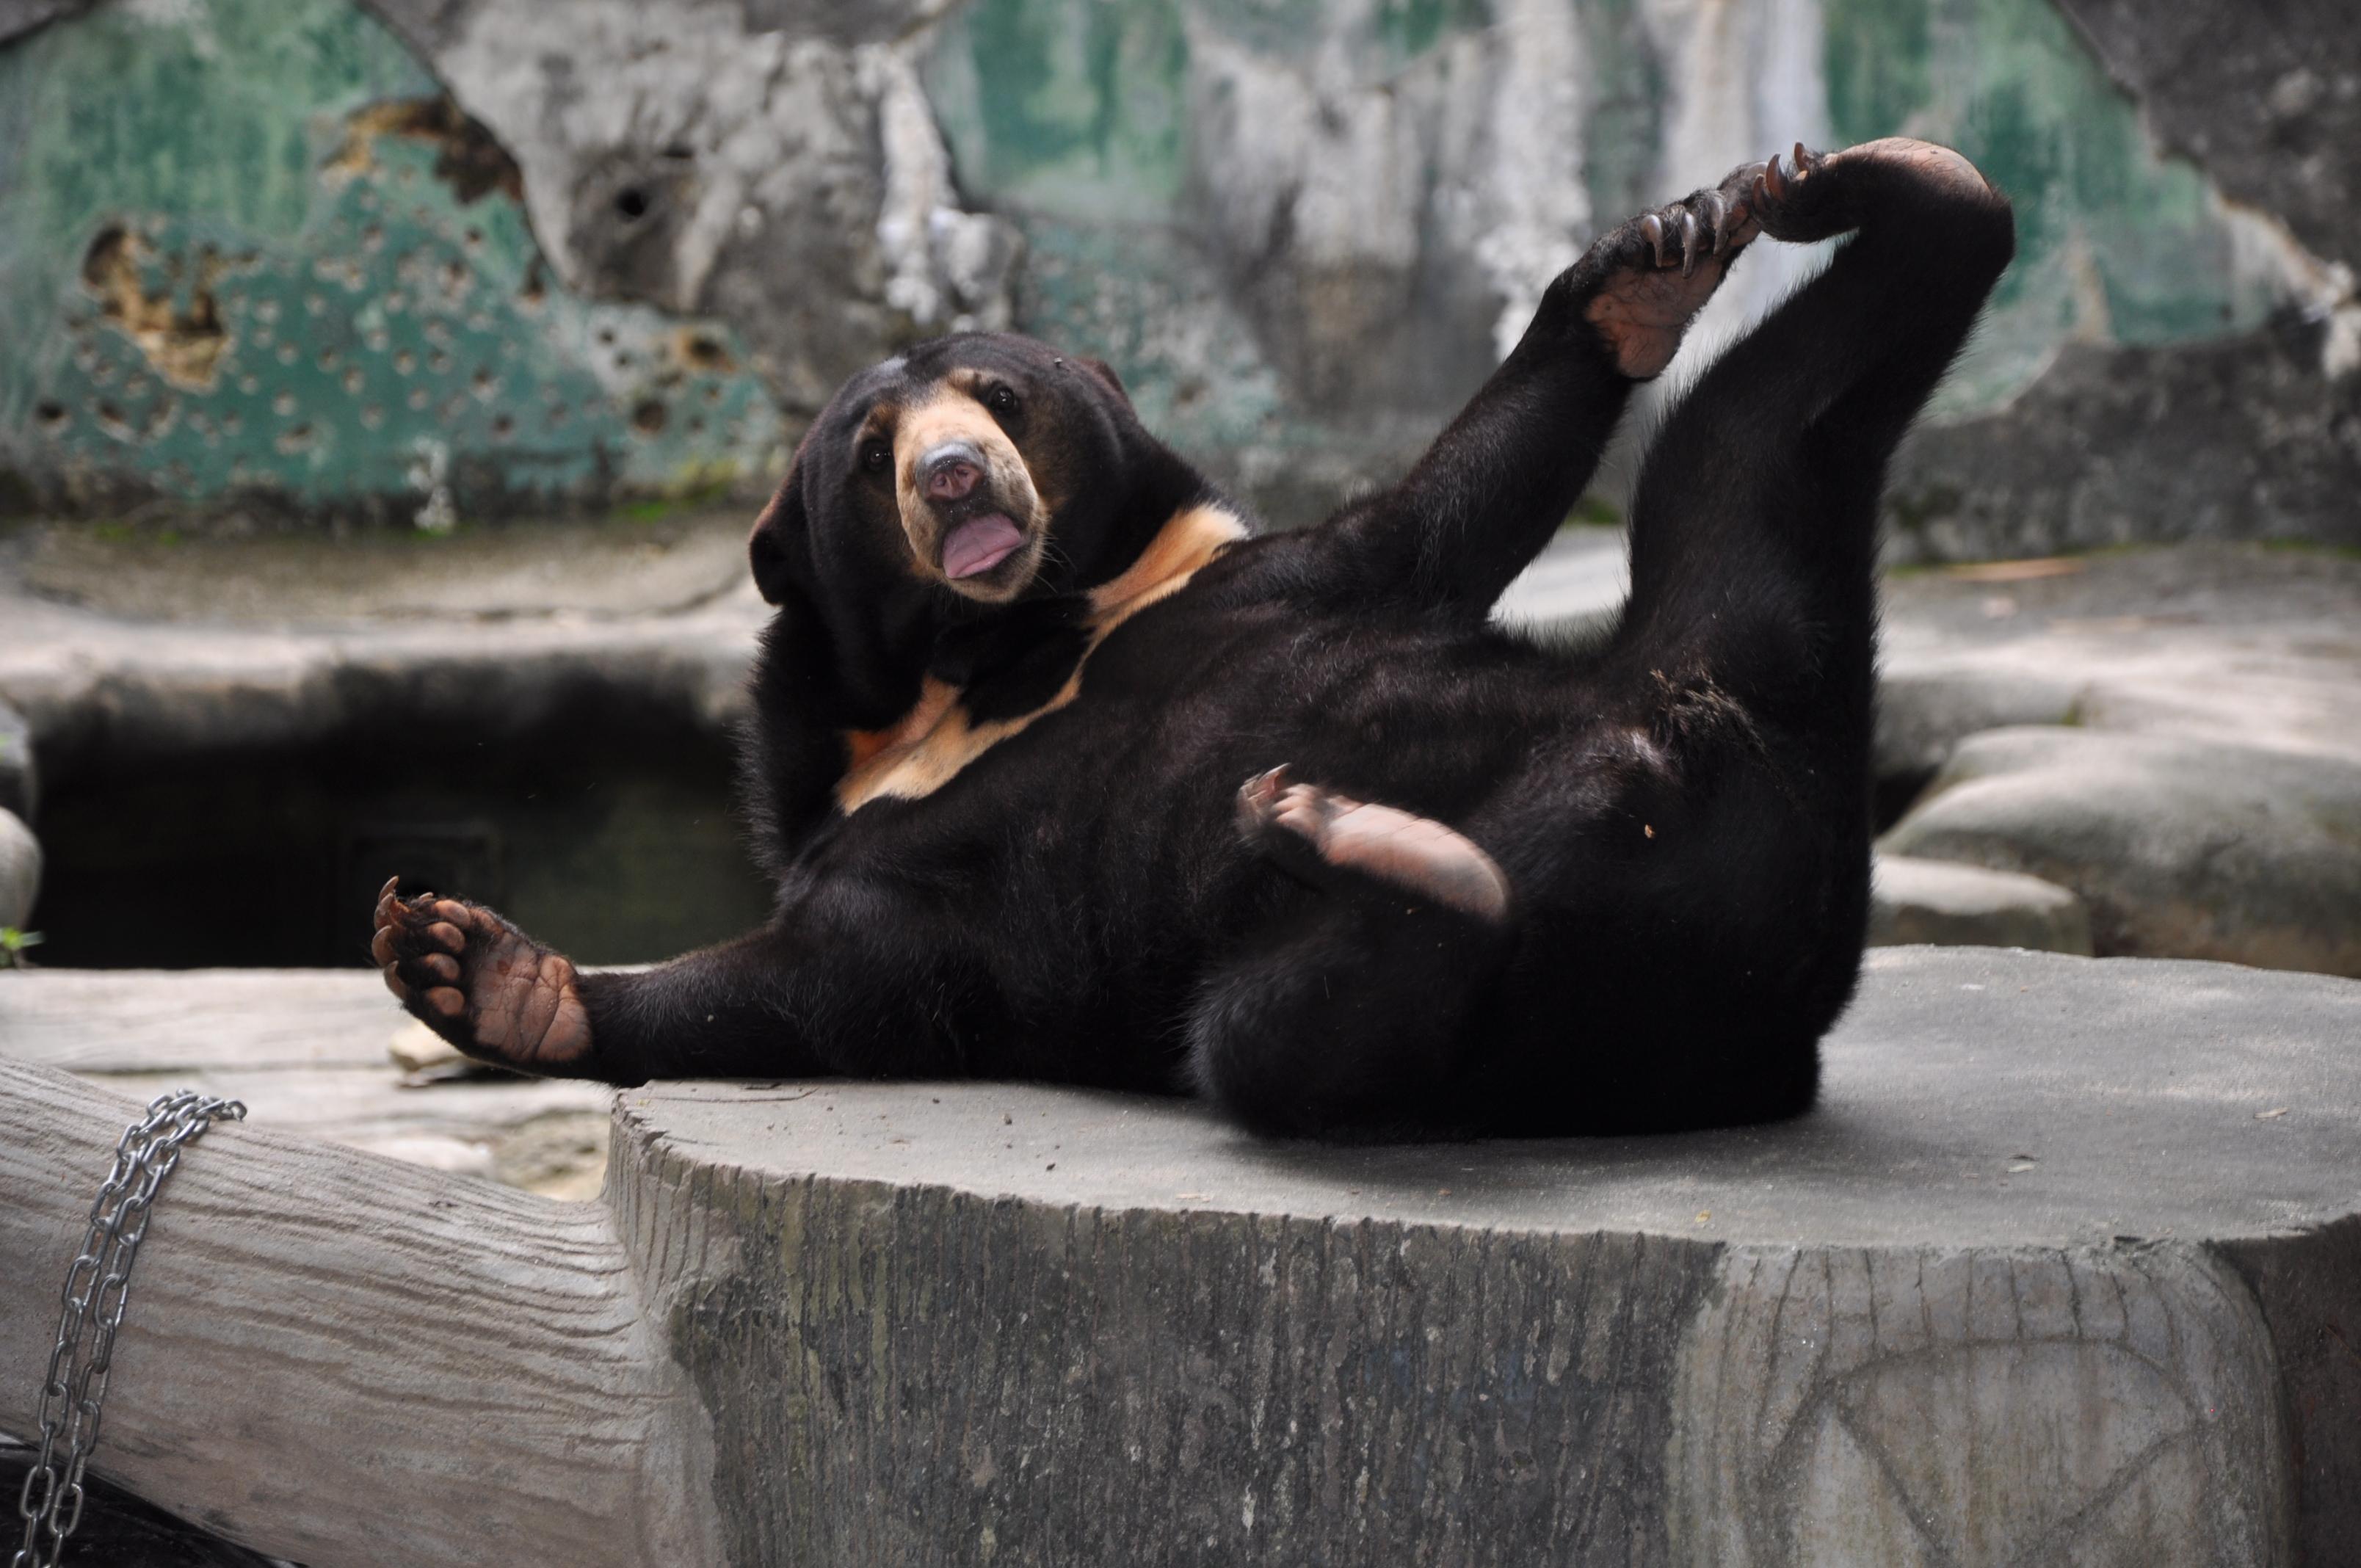 Baby Malayan Sun Bear - 2030.3KB